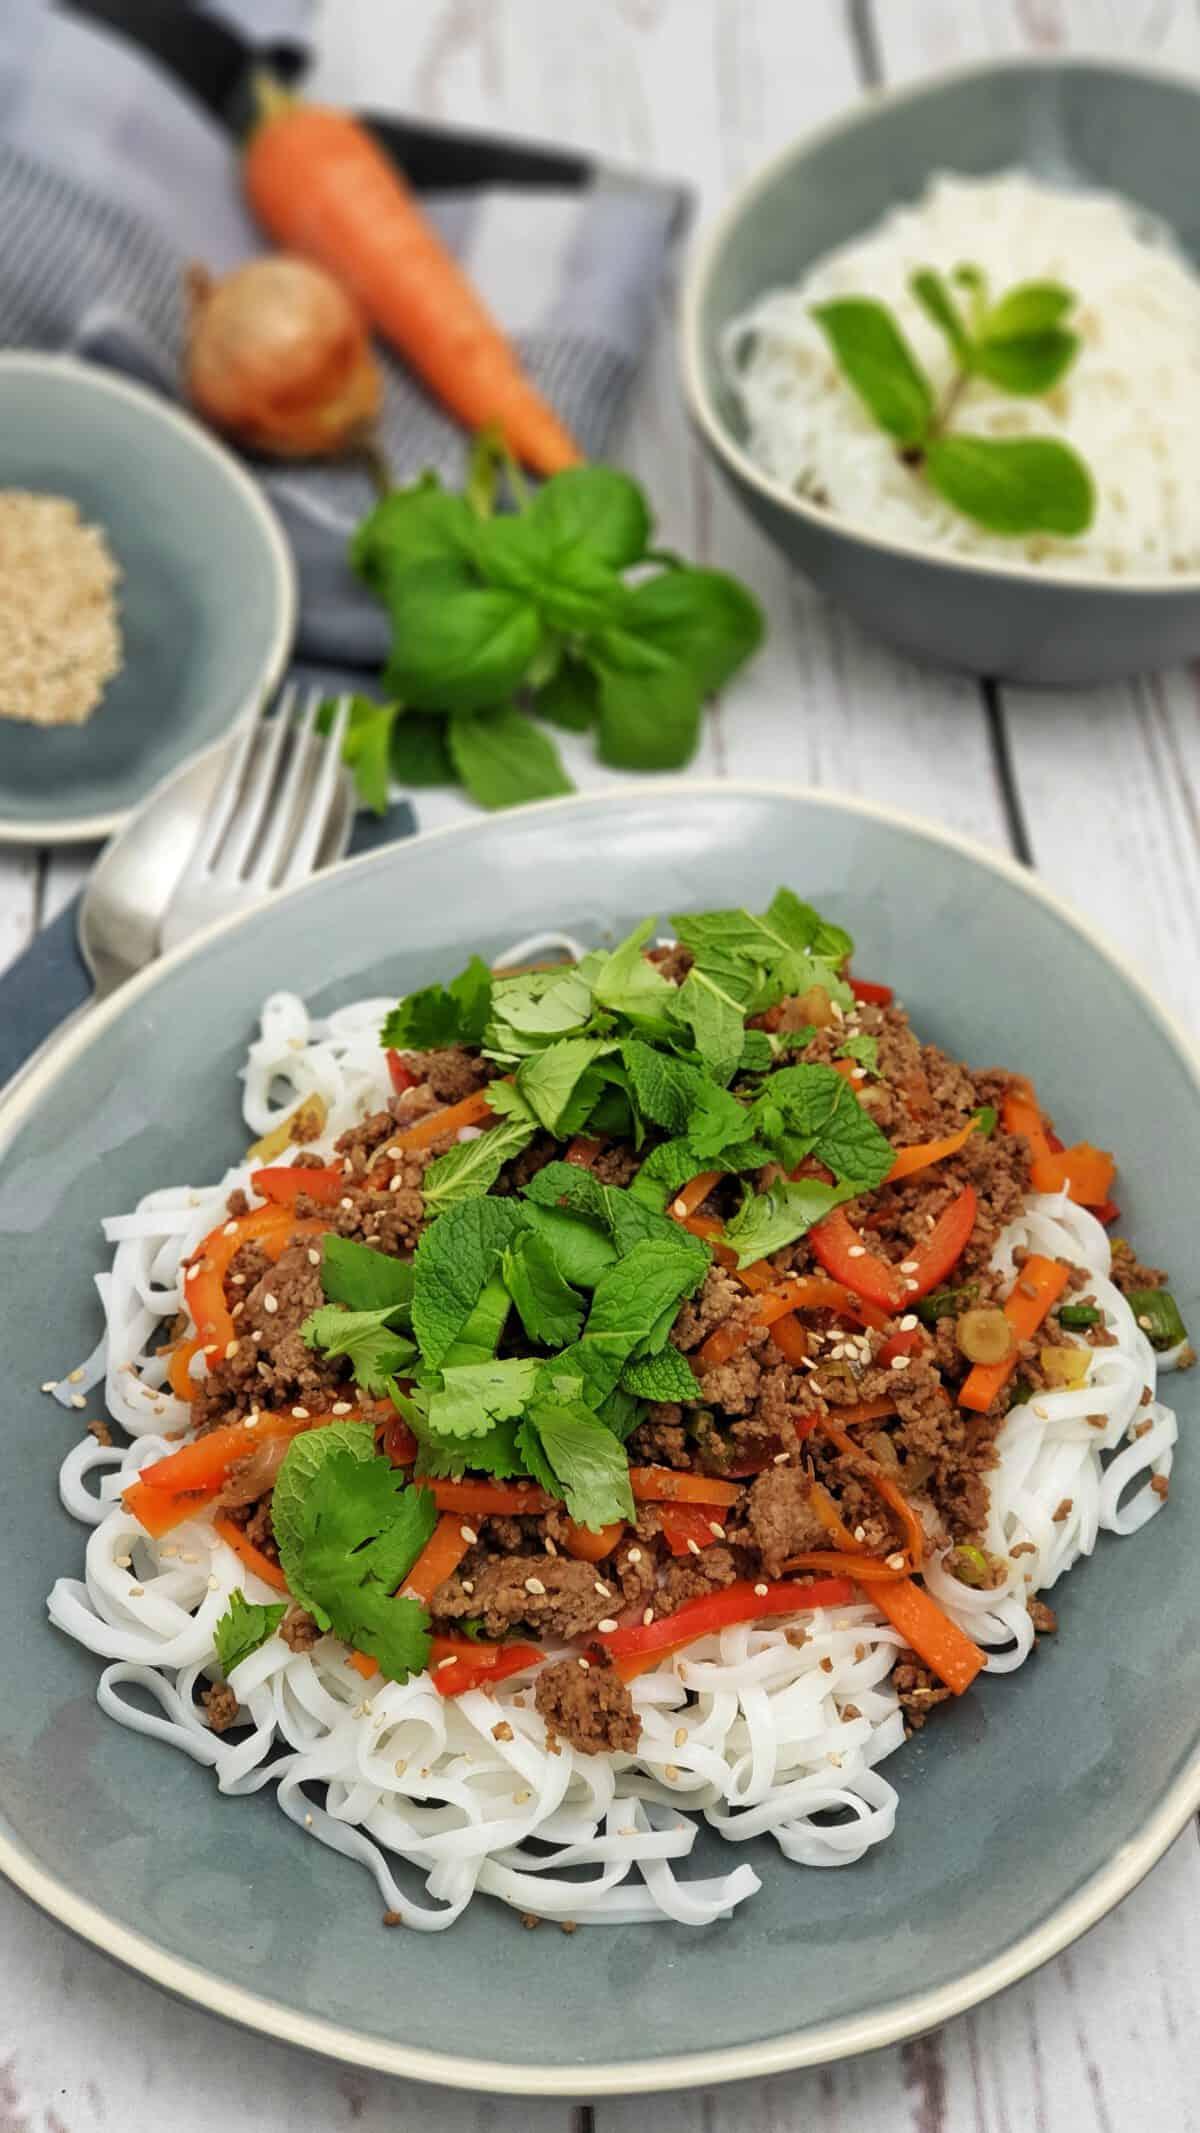 Auf einer graublauen Platte angerichtet Asiatische Reisnudeln mit Hackfleisch. Im Hintergrund Deko.